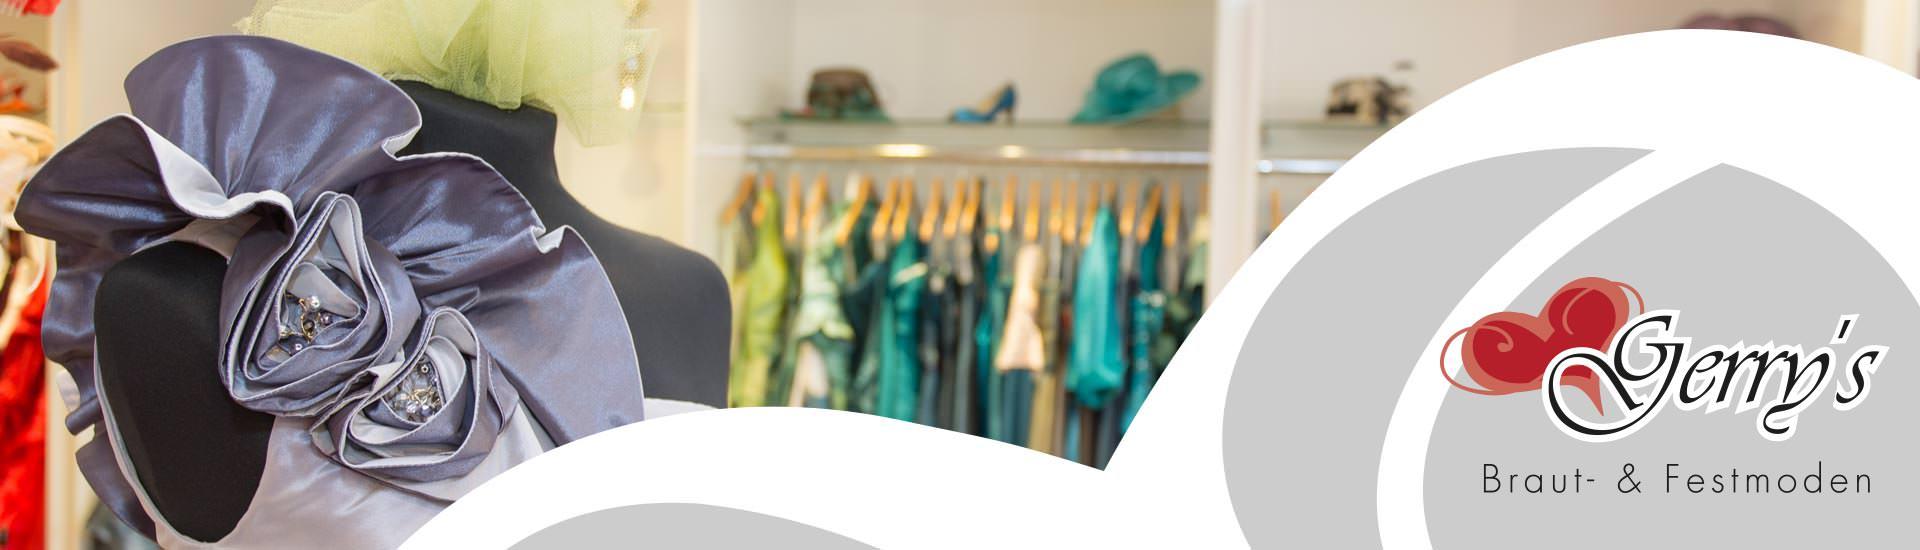 header 550 festkleider brautmoden festmoden gerrys gerrys brautmoden und festmoden neuss. Black Bedroom Furniture Sets. Home Design Ideas